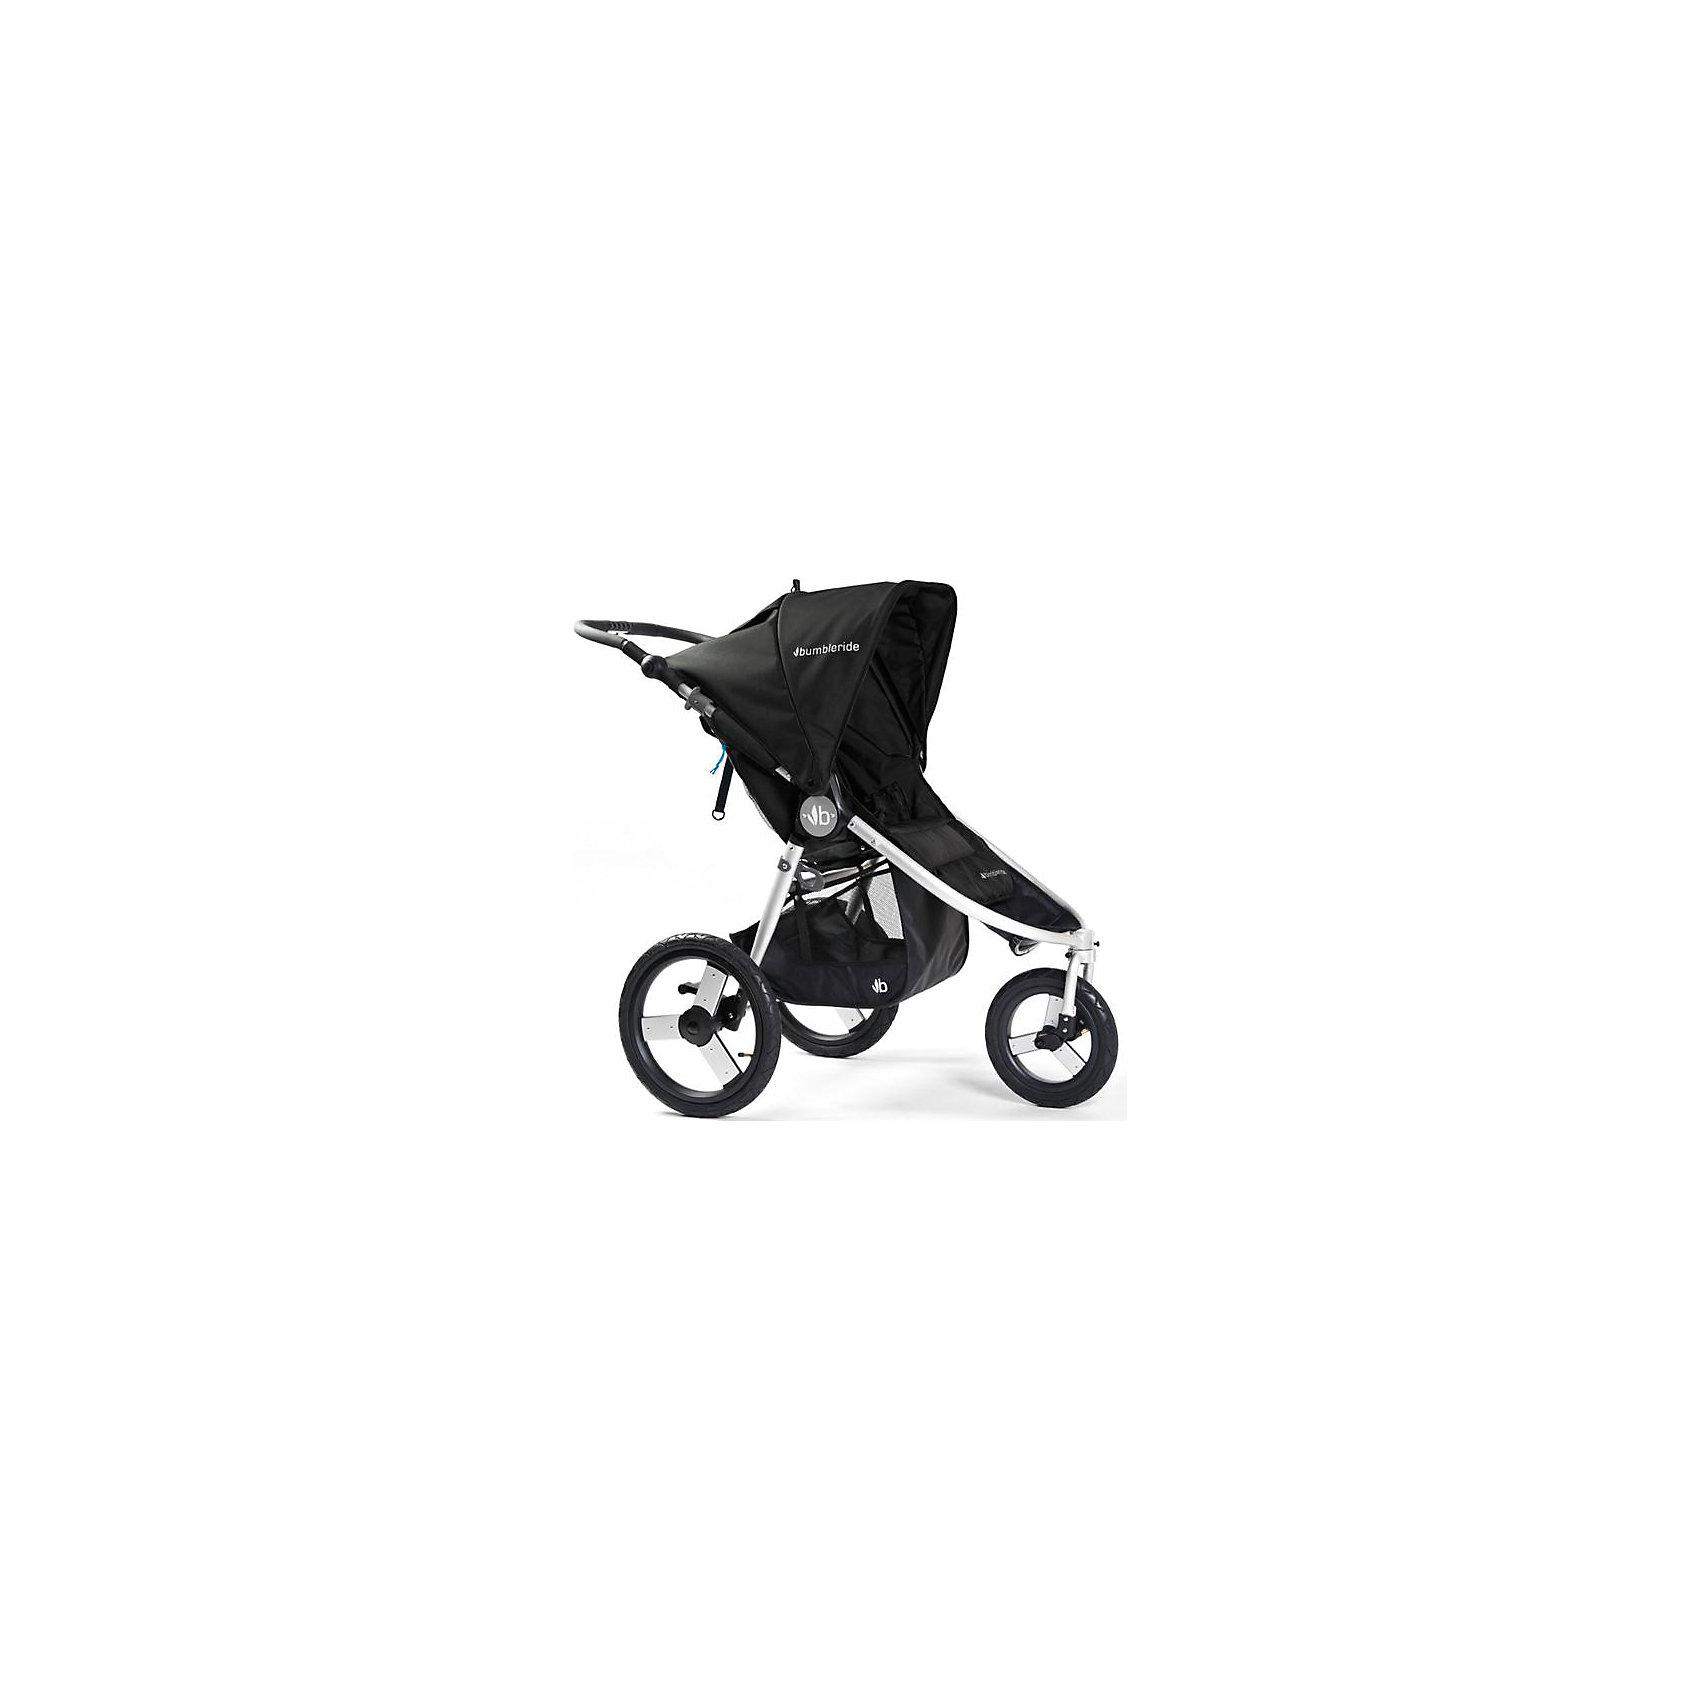 Прогулочная коляска Bumbleride Speed, silver blackПрогулочные коляски<br>Коляска для прогулки Speed – уникальная модель от бренда Bumbleride. Коляска – незаменимая вещь для молодых родителей. К ее выбору важно подходить со всей ответственностью. У коляски 3 колеса из высококачественной резины. Переднее колесо имеет три положения. Спинка устанавливается в необходимое положение с помощью надежного рычага регулирования. Модель сборная с автоматической фиксацией положения, причем скорость складывания достигает нескольких секунд! Отличительная особенность модели – отличная амортизация коляски даже на неровной дороге.<br><br>Дополнительная информация: <br><br>цвет: silver black;<br>возраст: 6 мес – 3 года;<br><br>Коляску для прогулок Speed от компании Bumbleride можно приобрести в нашем магазине.<br><br>Ширина мм: 460<br>Глубина мм: 270<br>Высота мм: 770<br>Вес г: 14500<br>Возраст от месяцев: 6<br>Возраст до месяцев: 36<br>Пол: Унисекс<br>Возраст: Детский<br>SKU: 4998045